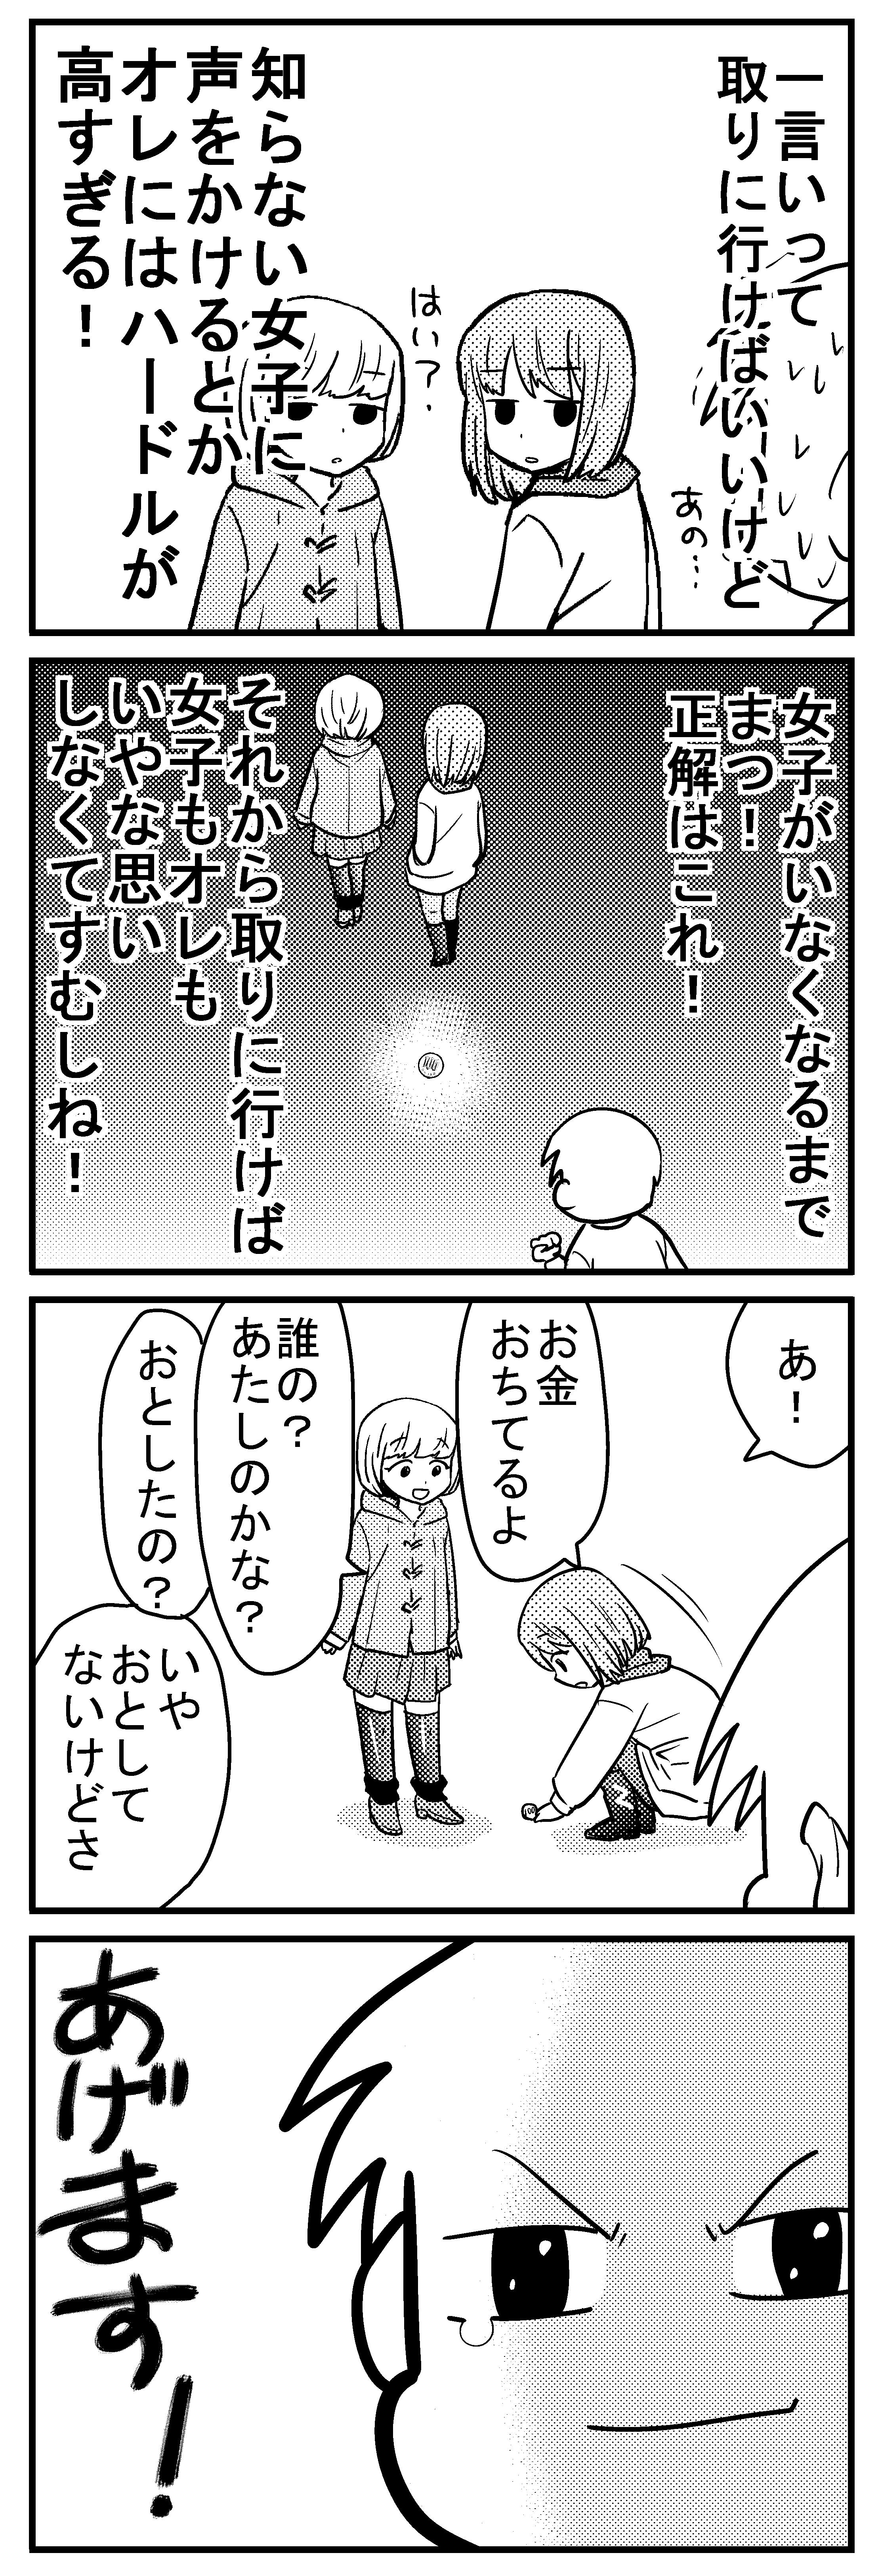 深読みくん36 4